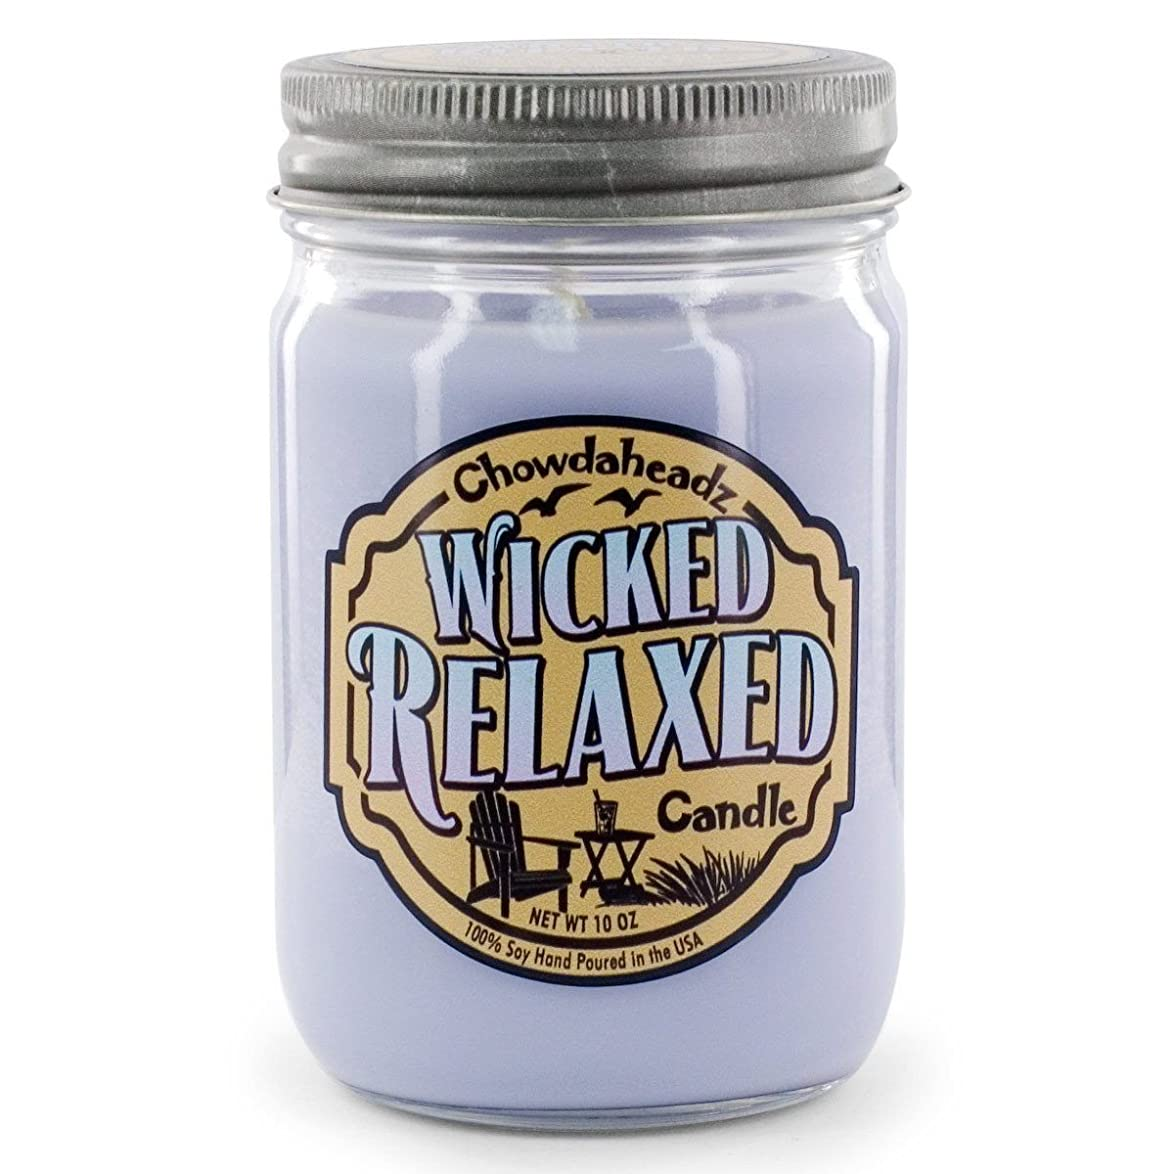 失われた正気キャラクターWicked Relaxed Candle 100?%大豆、すべての自然、Made in the USA by Chowdaheadz